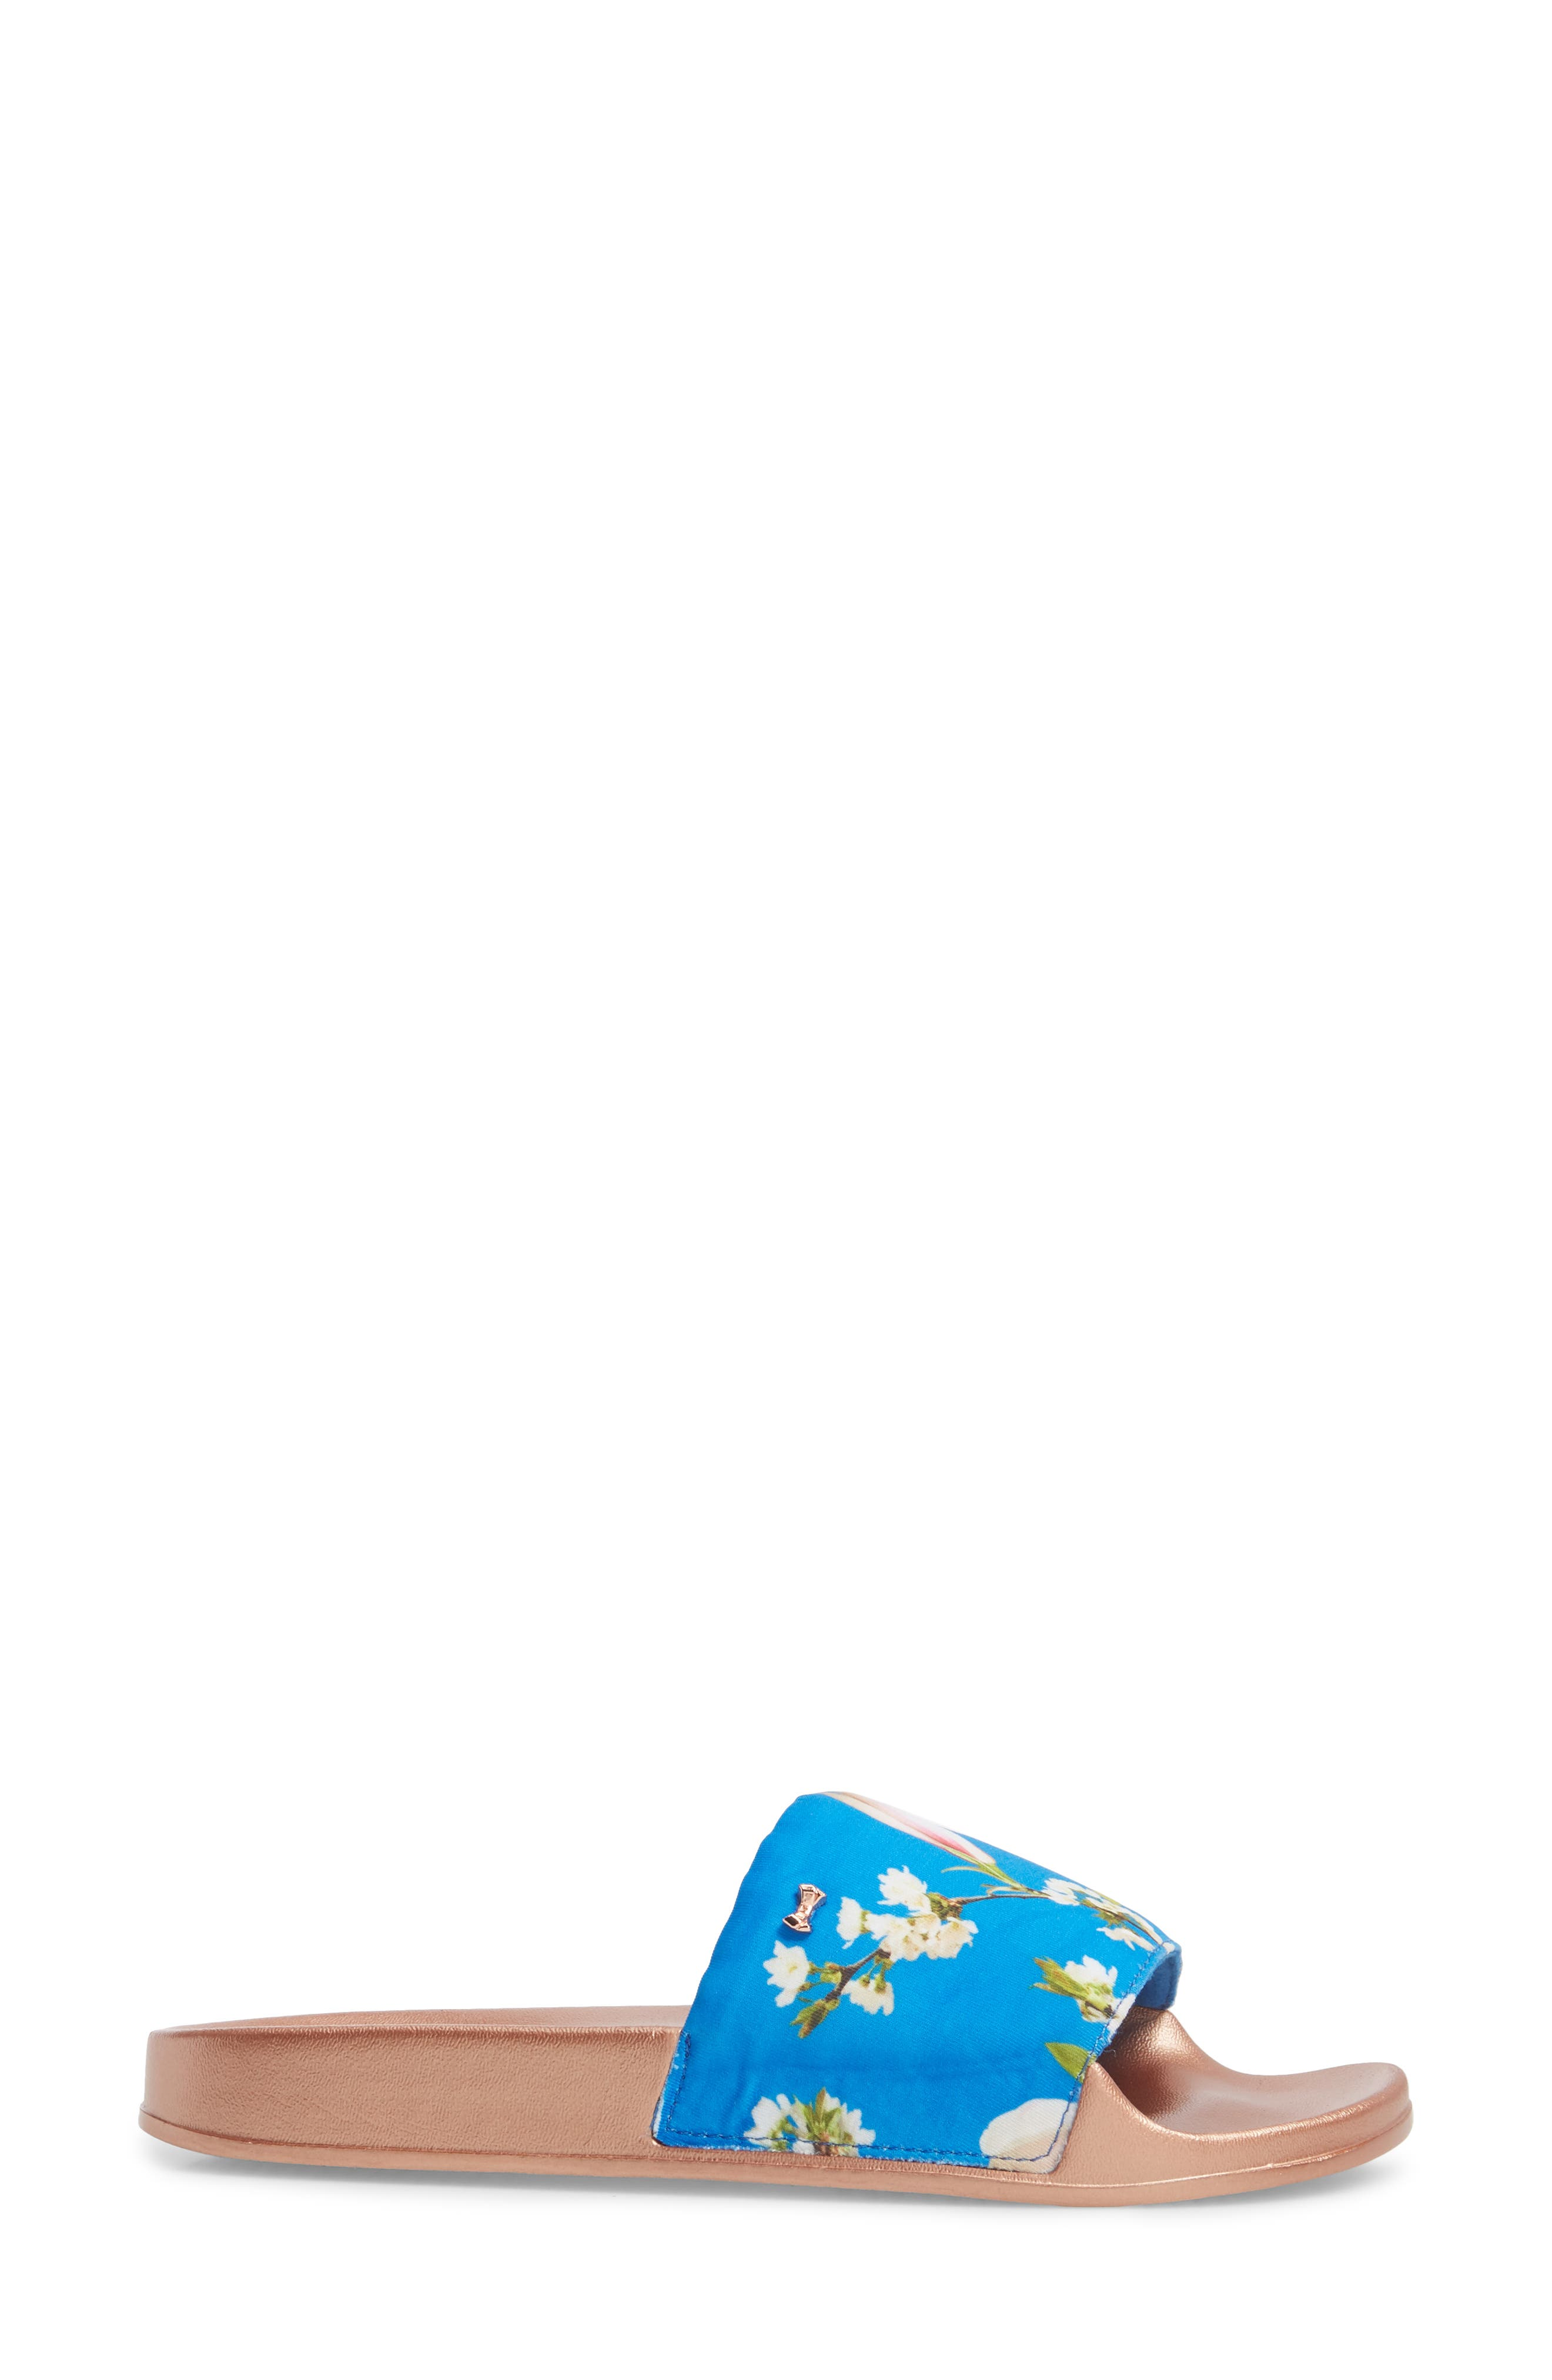 Avelinn Slide Sandal,                             Alternate thumbnail 3, color,                             BLUE FABRIC